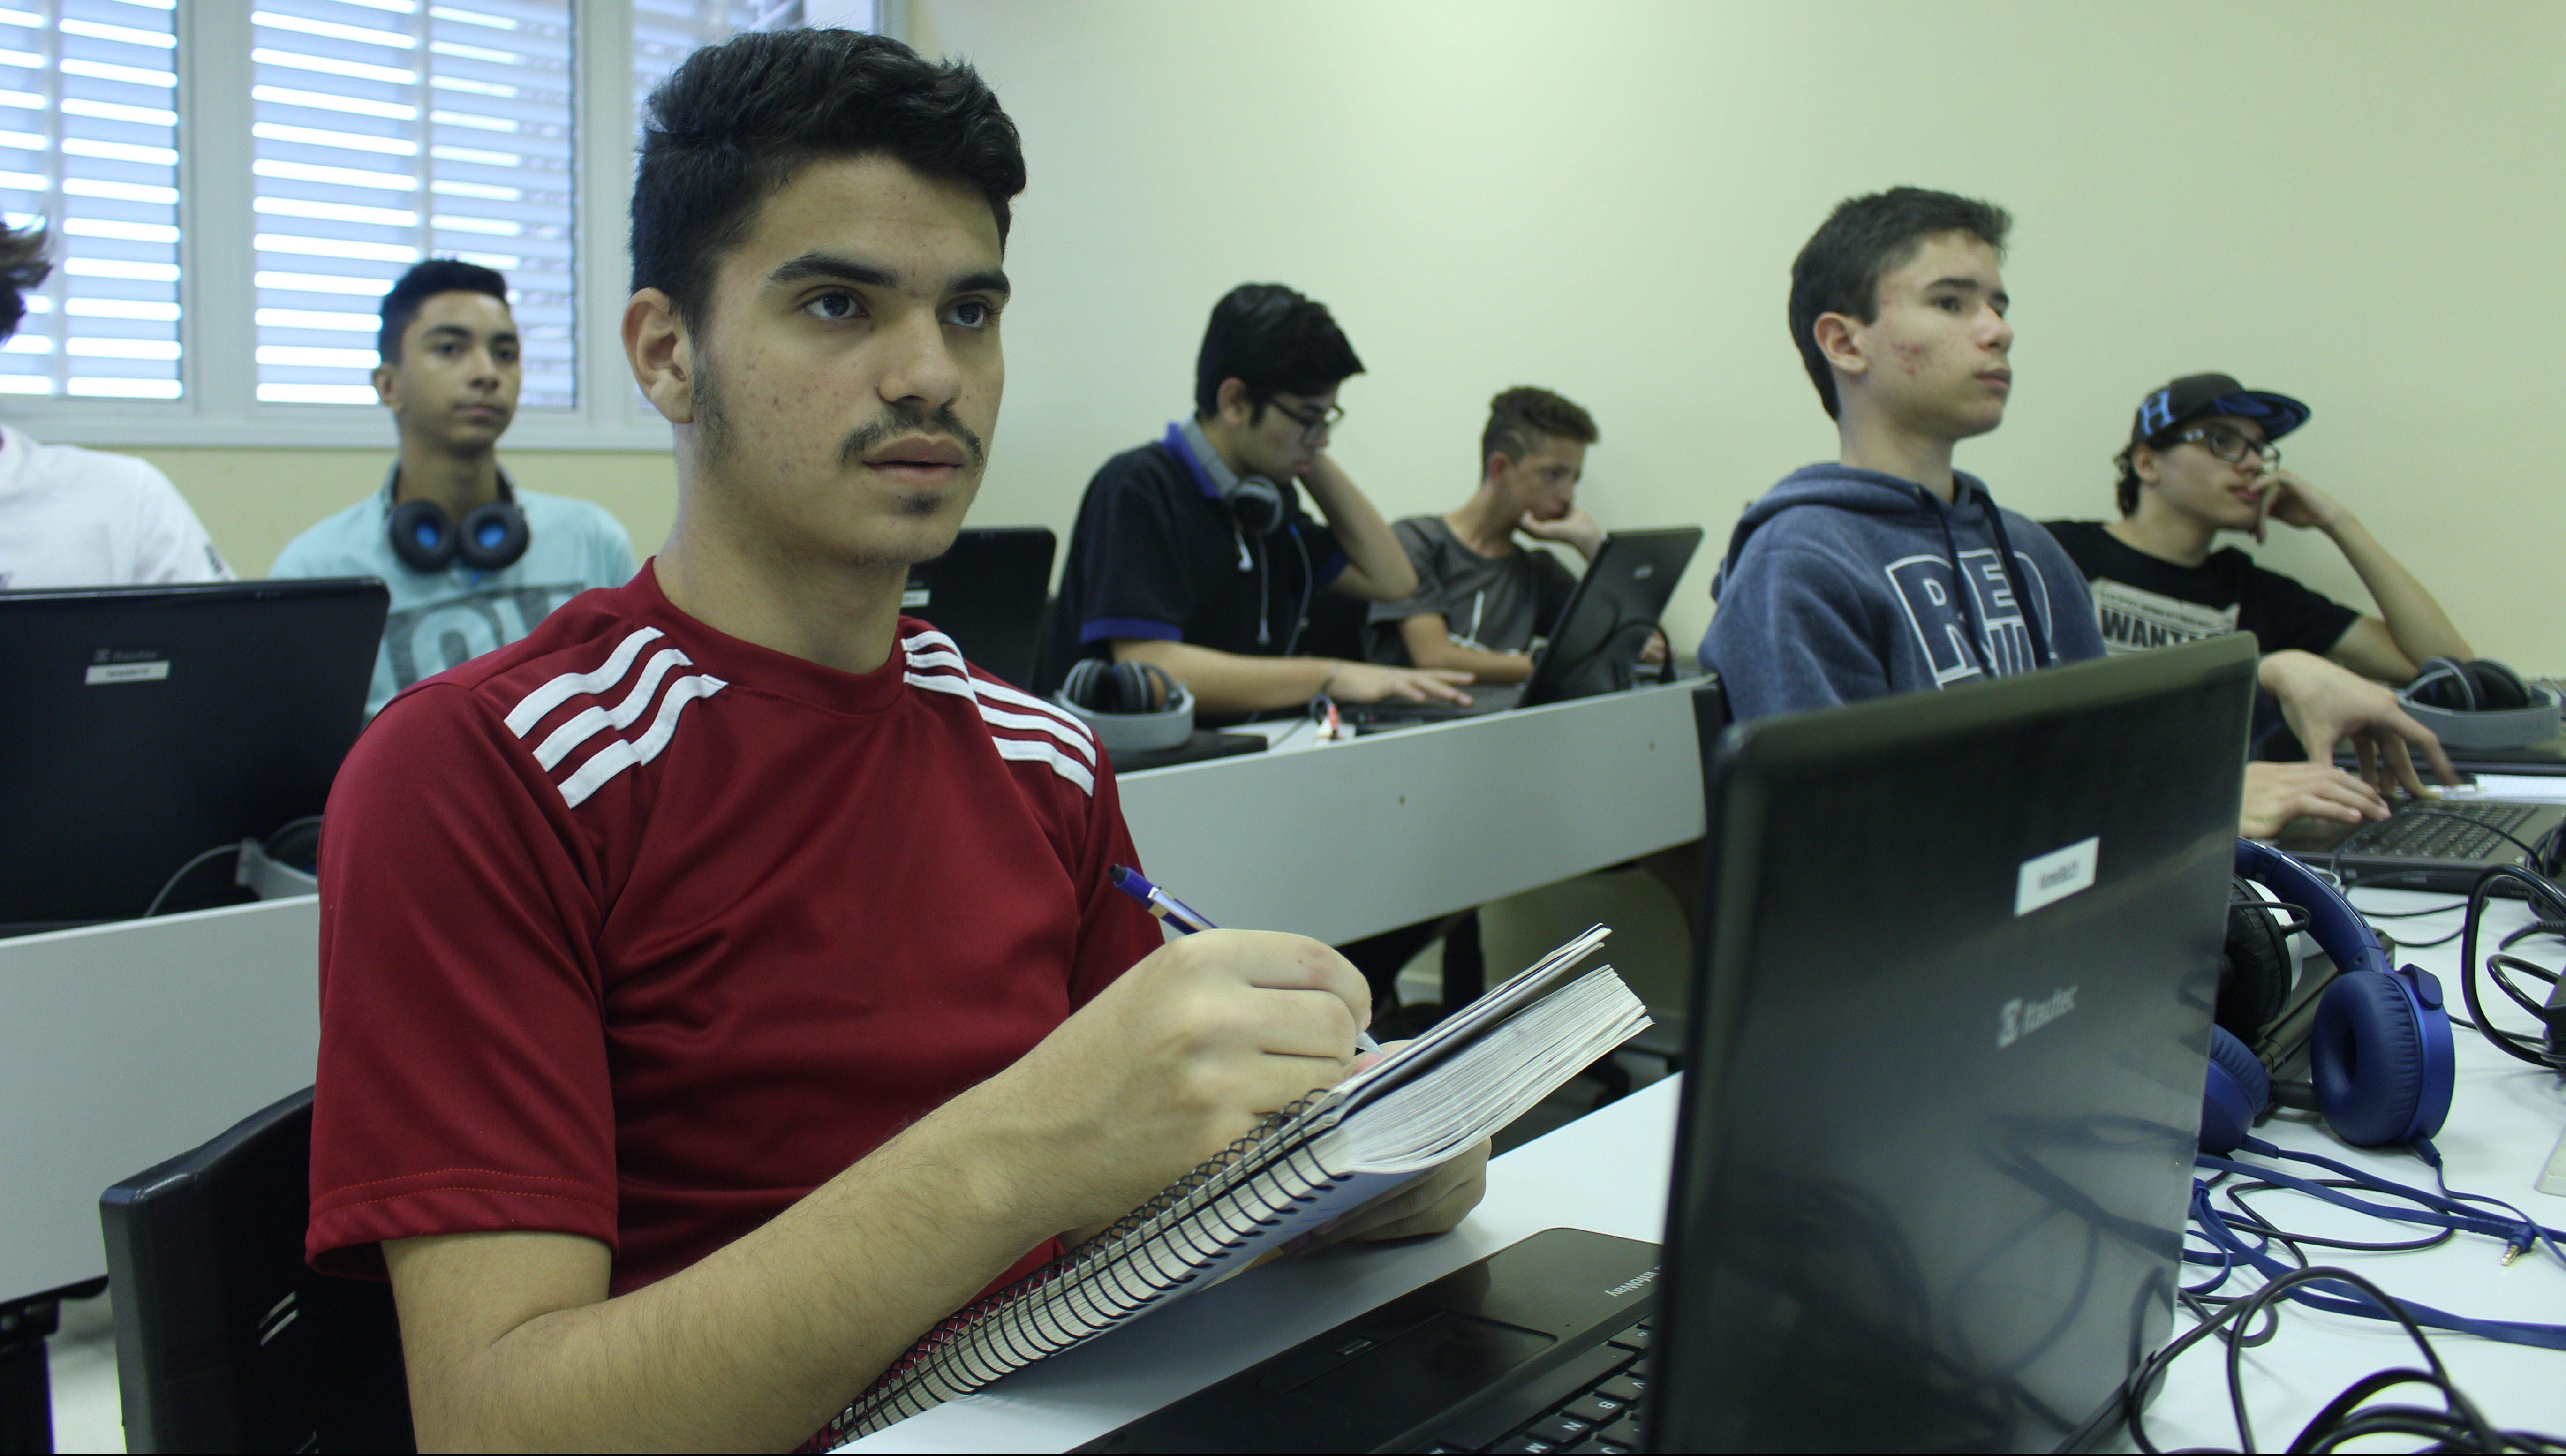 Alunos da rede pública ganham bolsas de estudo para aprender matemática na USP